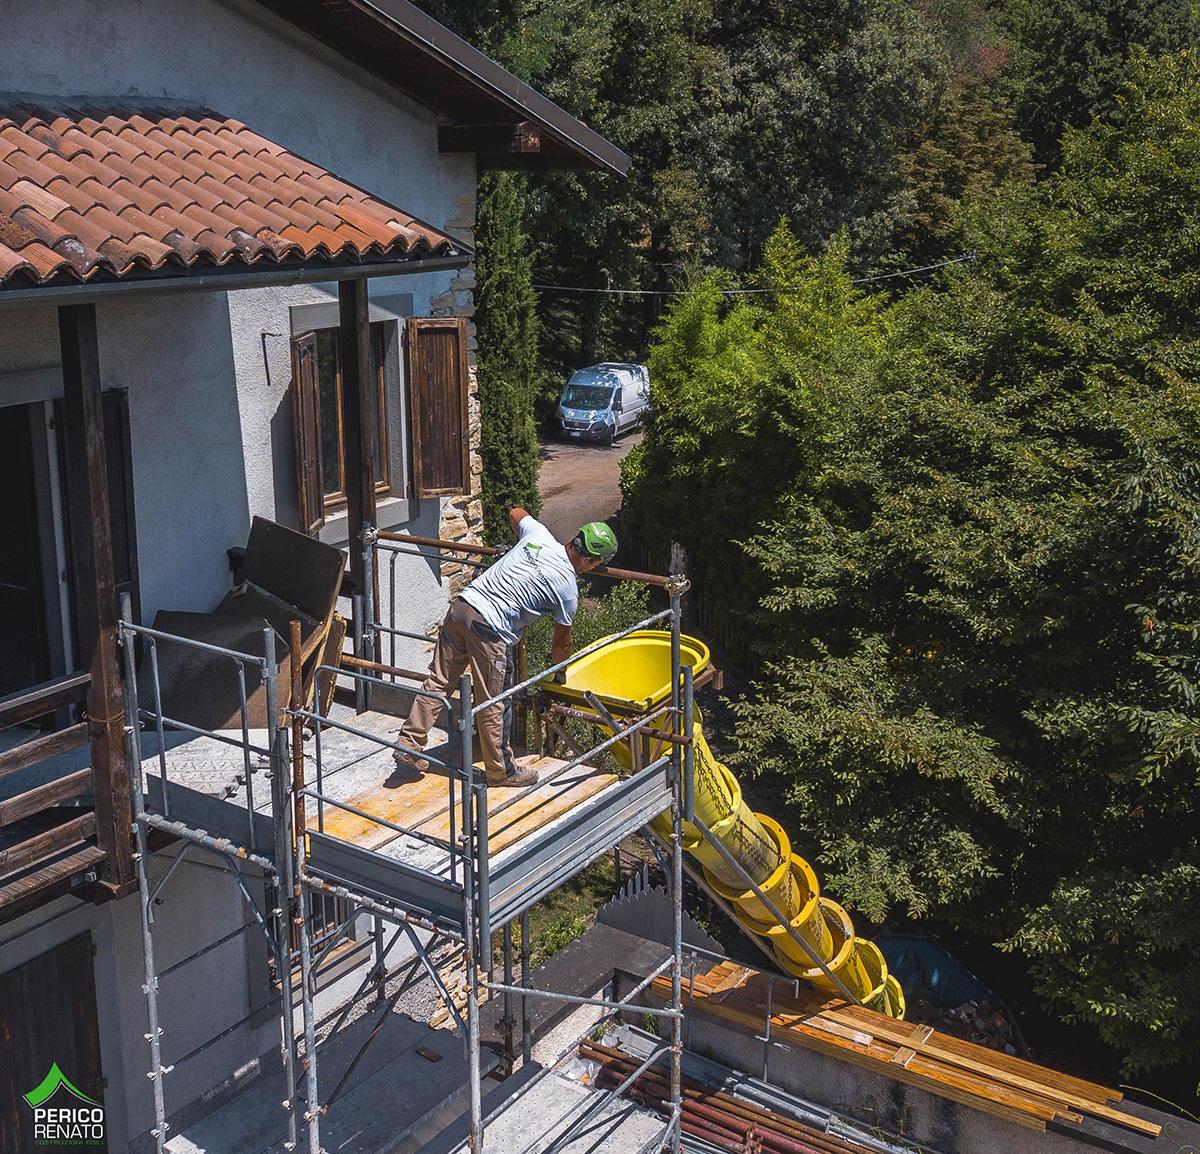 Perico-Renato-Astino (BG) - Edilizia privata - Ristrutturazione 5